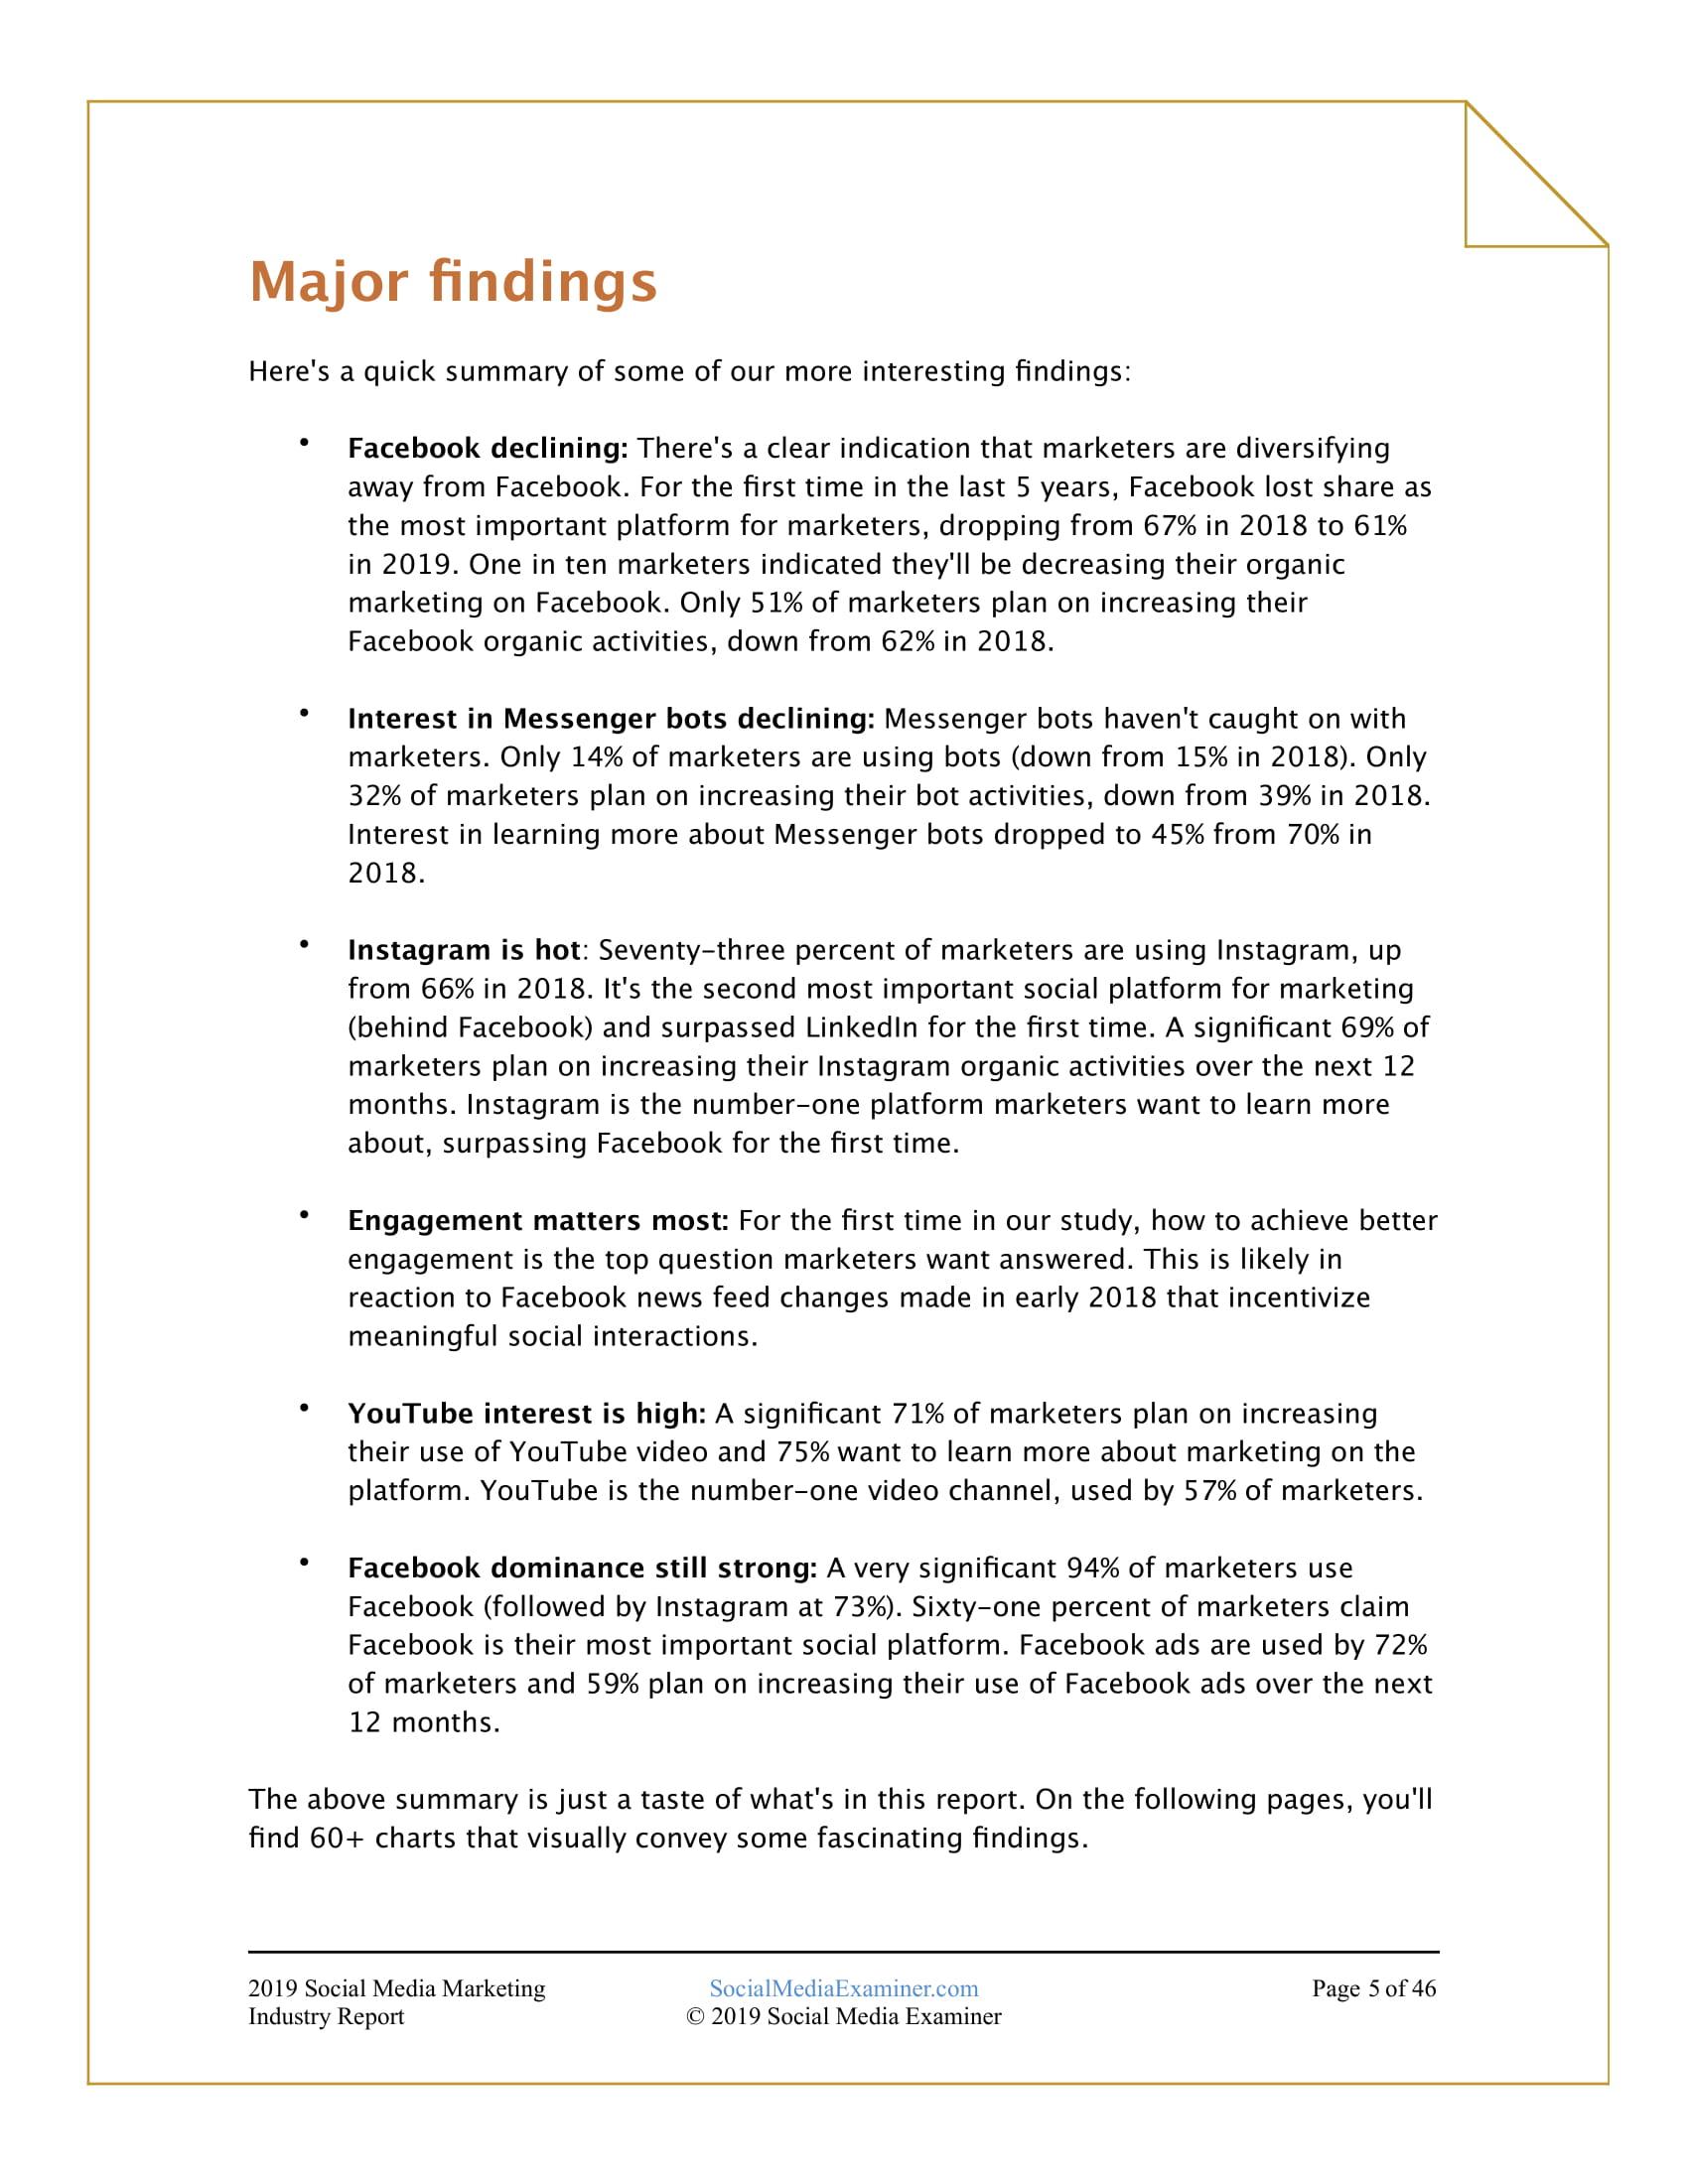 SME:2019年社交媒体营销行业报告-CNMOAD 中文移动营销资讯 5